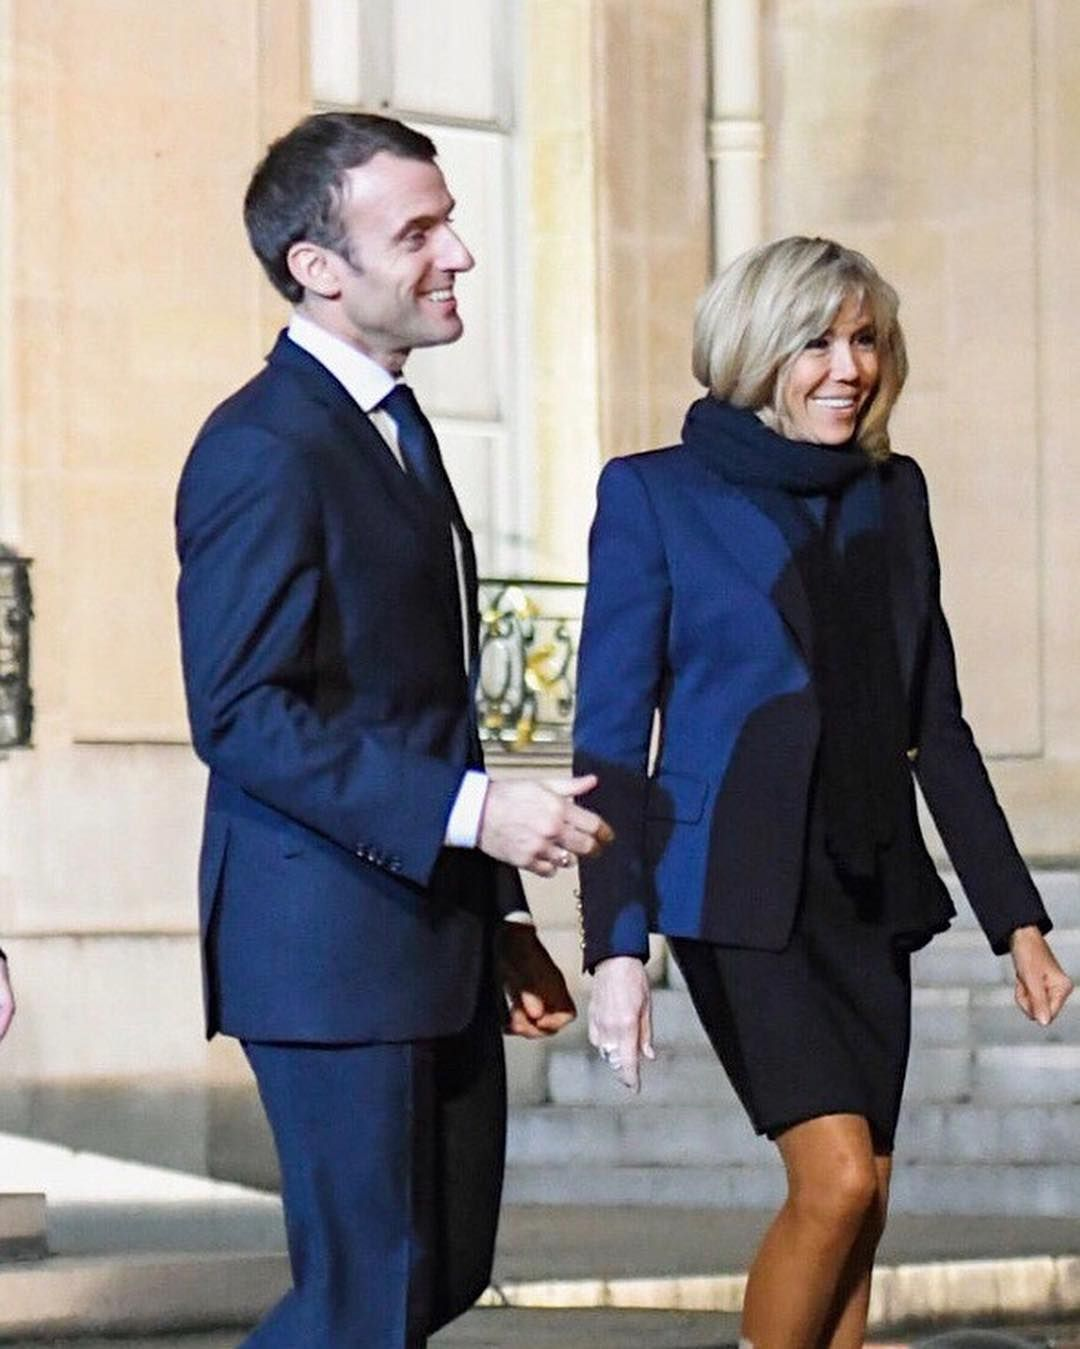 e soir, Emmanuel et Brigitte Macron ont accueilli les